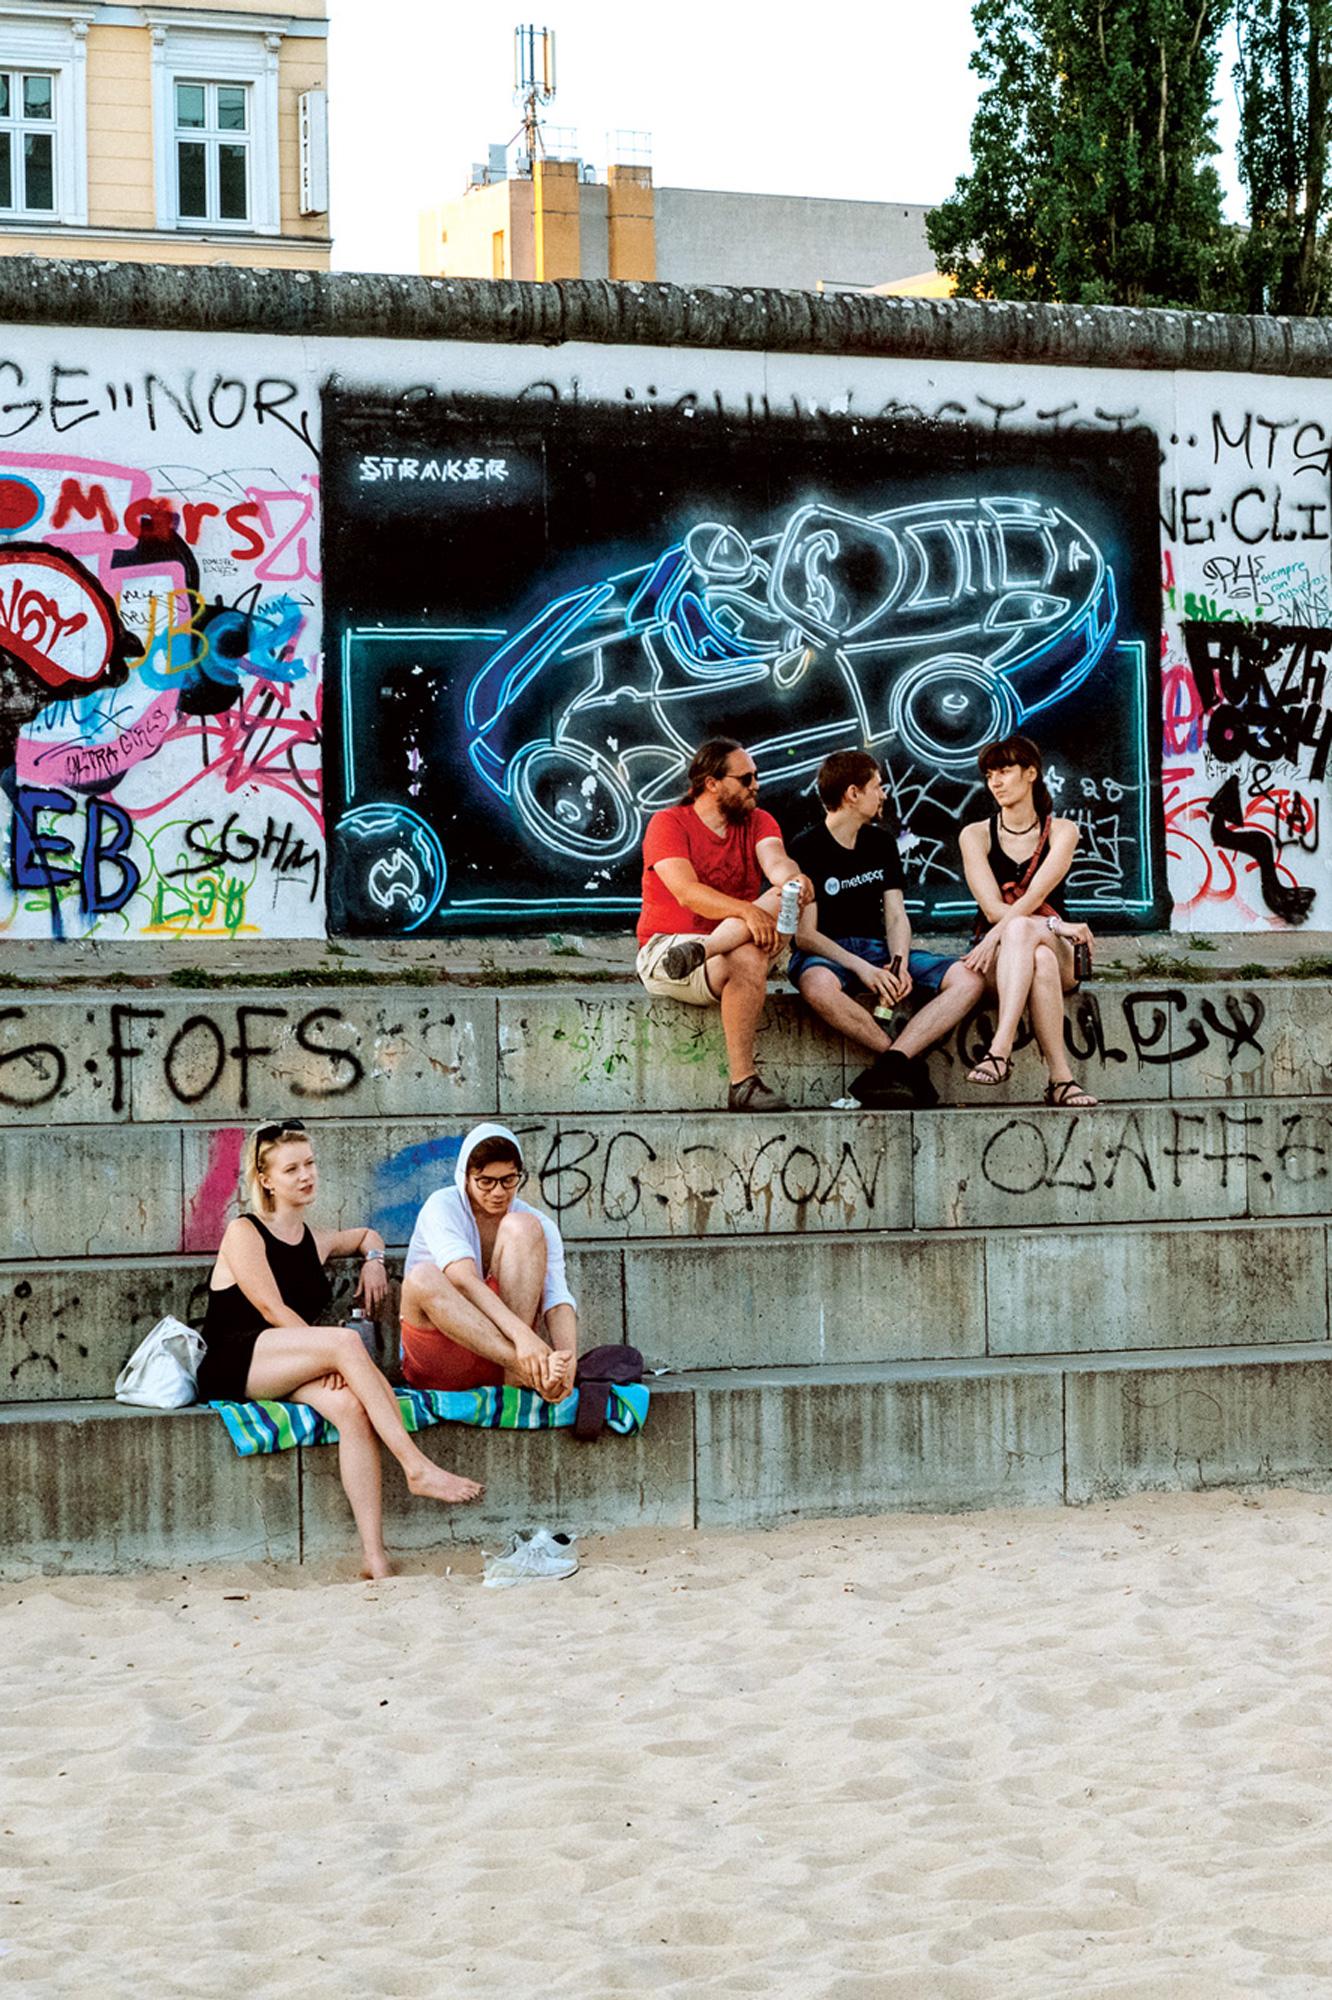 sixtysix mag berlin wall